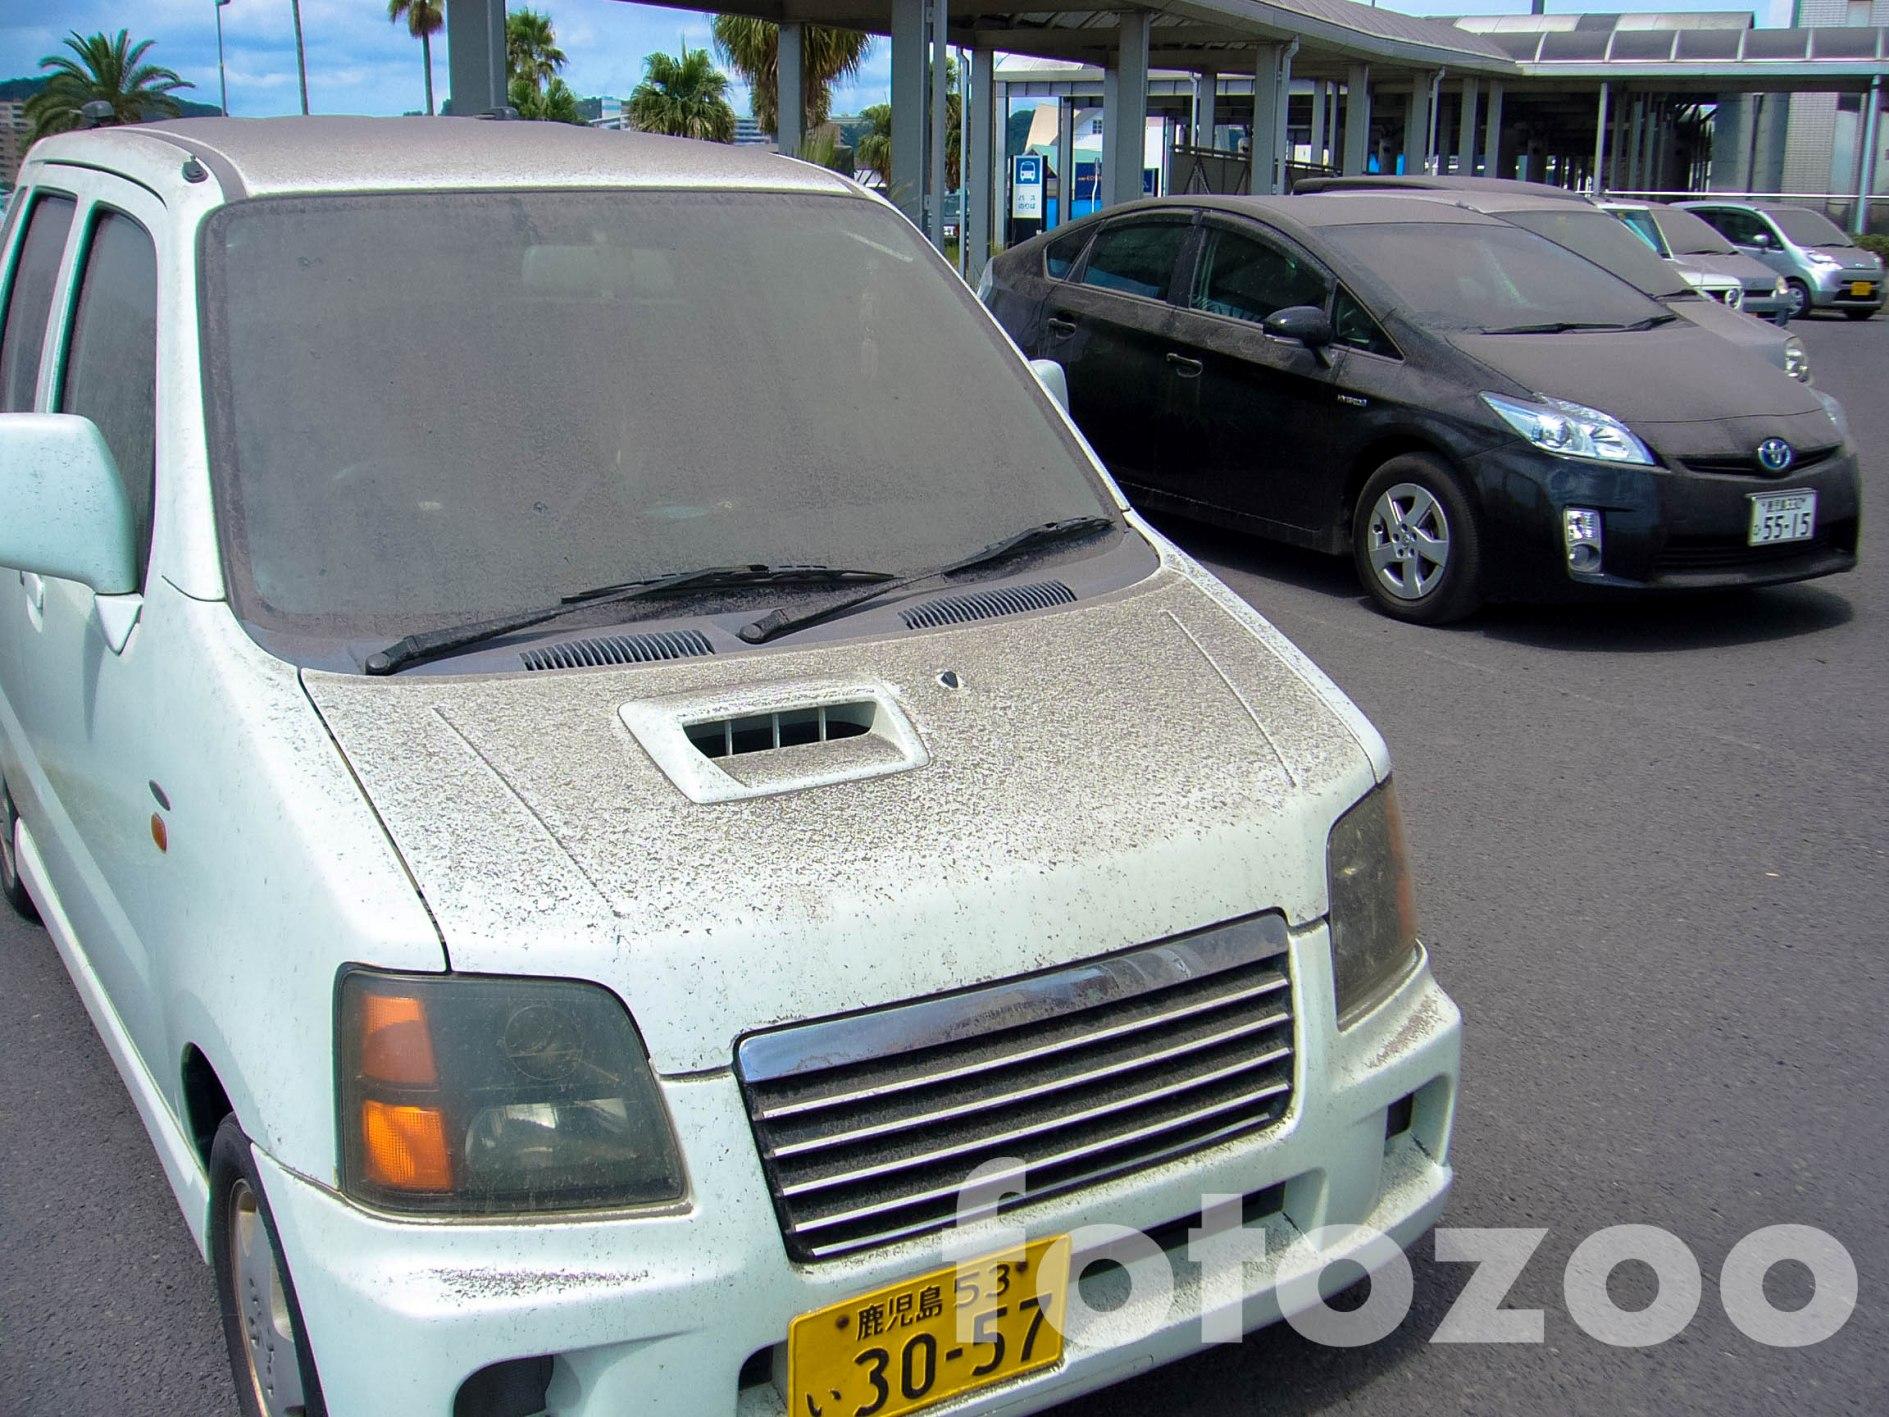 Ez a hamuréteg, napi szinten rakódik rá a járművekre és az egész városra. Kagoshimából nem érdemes autót importálni, viszont egy tüdőgondozó jó befektetés reményével kecsegtet.